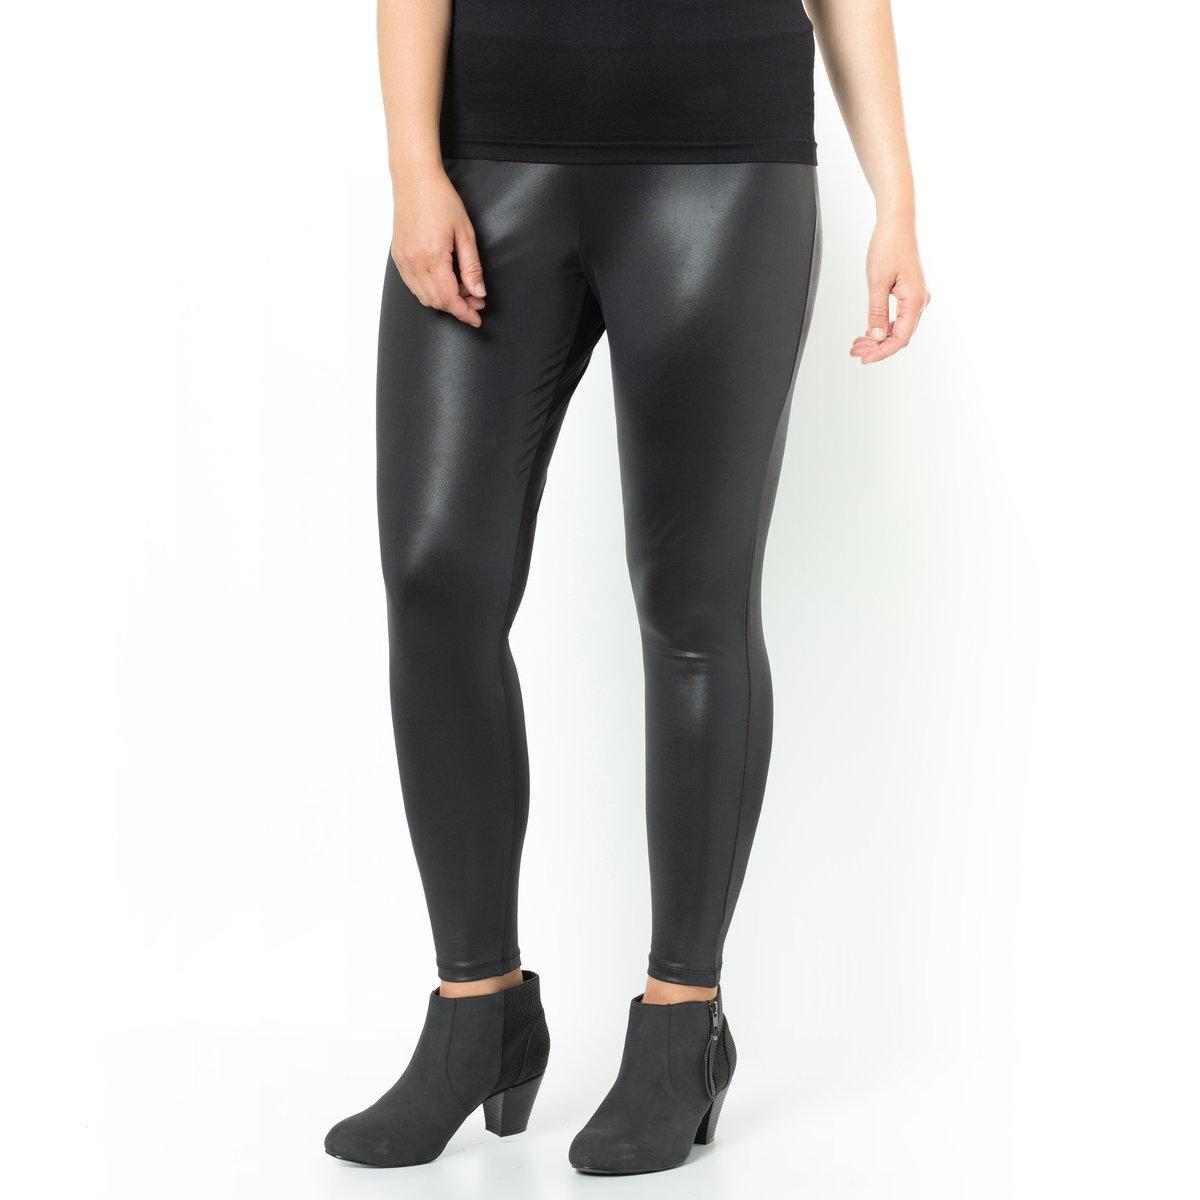 Леггинсы лаковые длинные, черного цветаЛеггинсы длинные, с лаковым эффектом. Модные и удобные в носке леггинсы, которые отлично сочетаются с туникой для создания образа в стиле рок. Очень удобный эластичный пояс. Лаковый эффект материала, 92% полиэстера, 8% эластана. Длина по внутр.шву 68 см.<br><br>Цвет: черный<br>Размер: 46/48 (FR) - 52/54 (RUS)